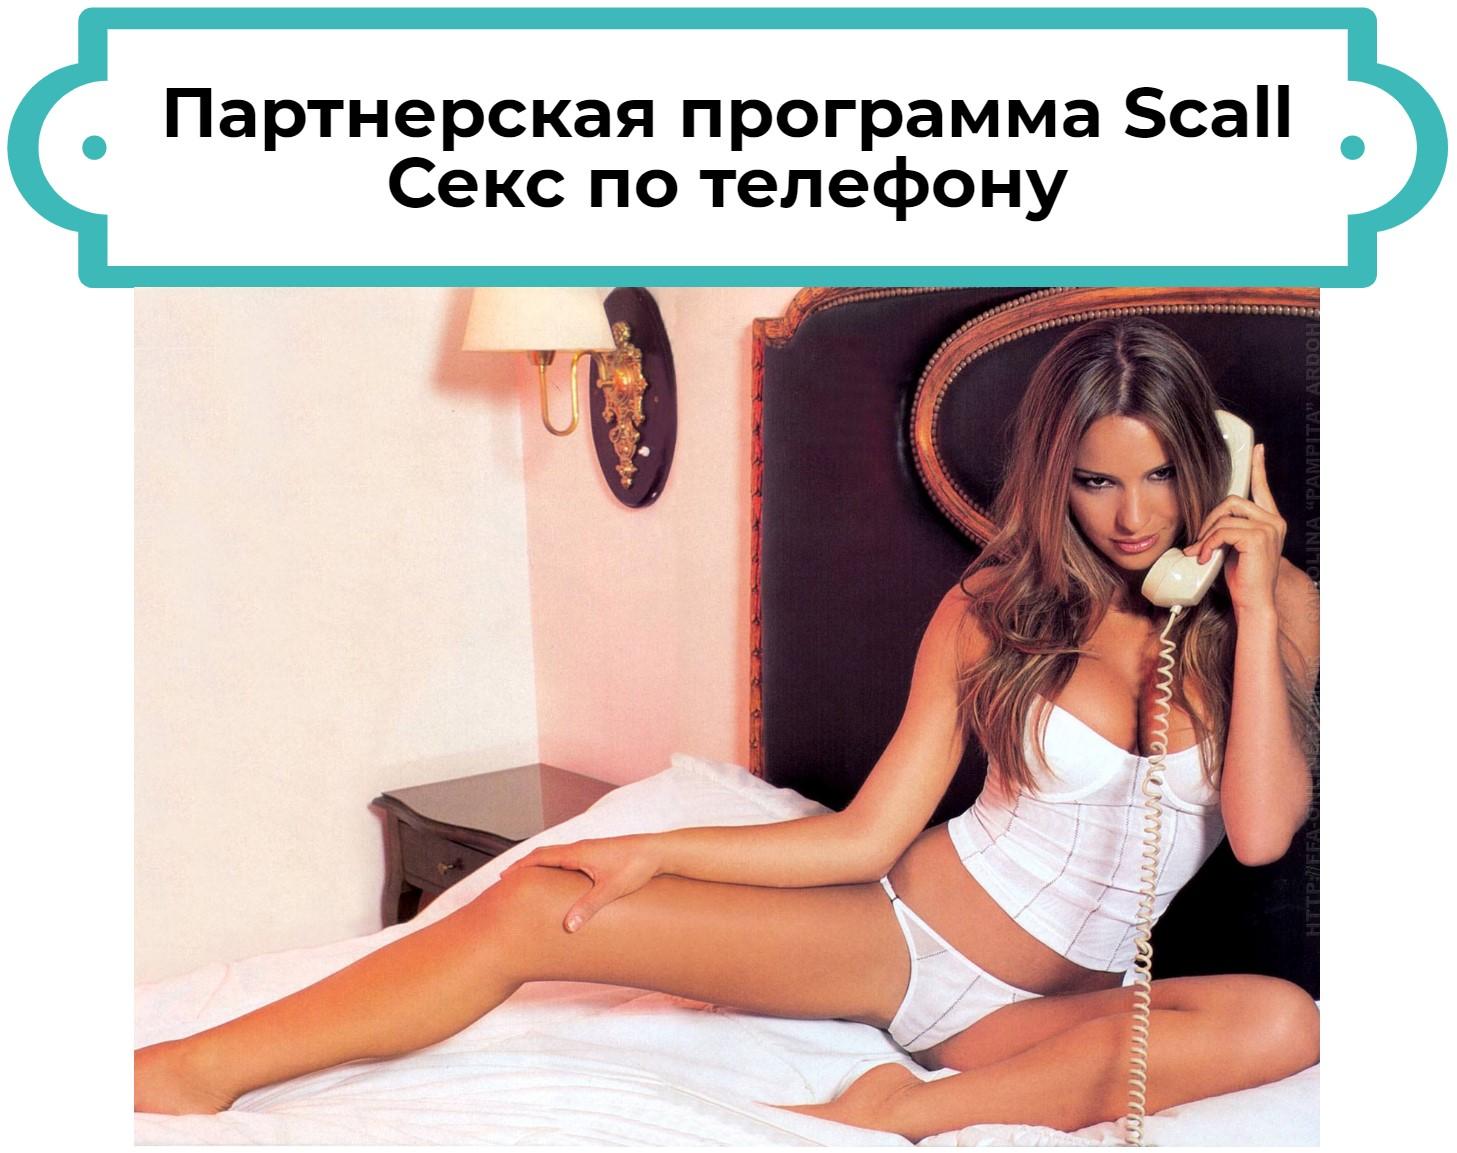 Секс по телефону как бизнес идея